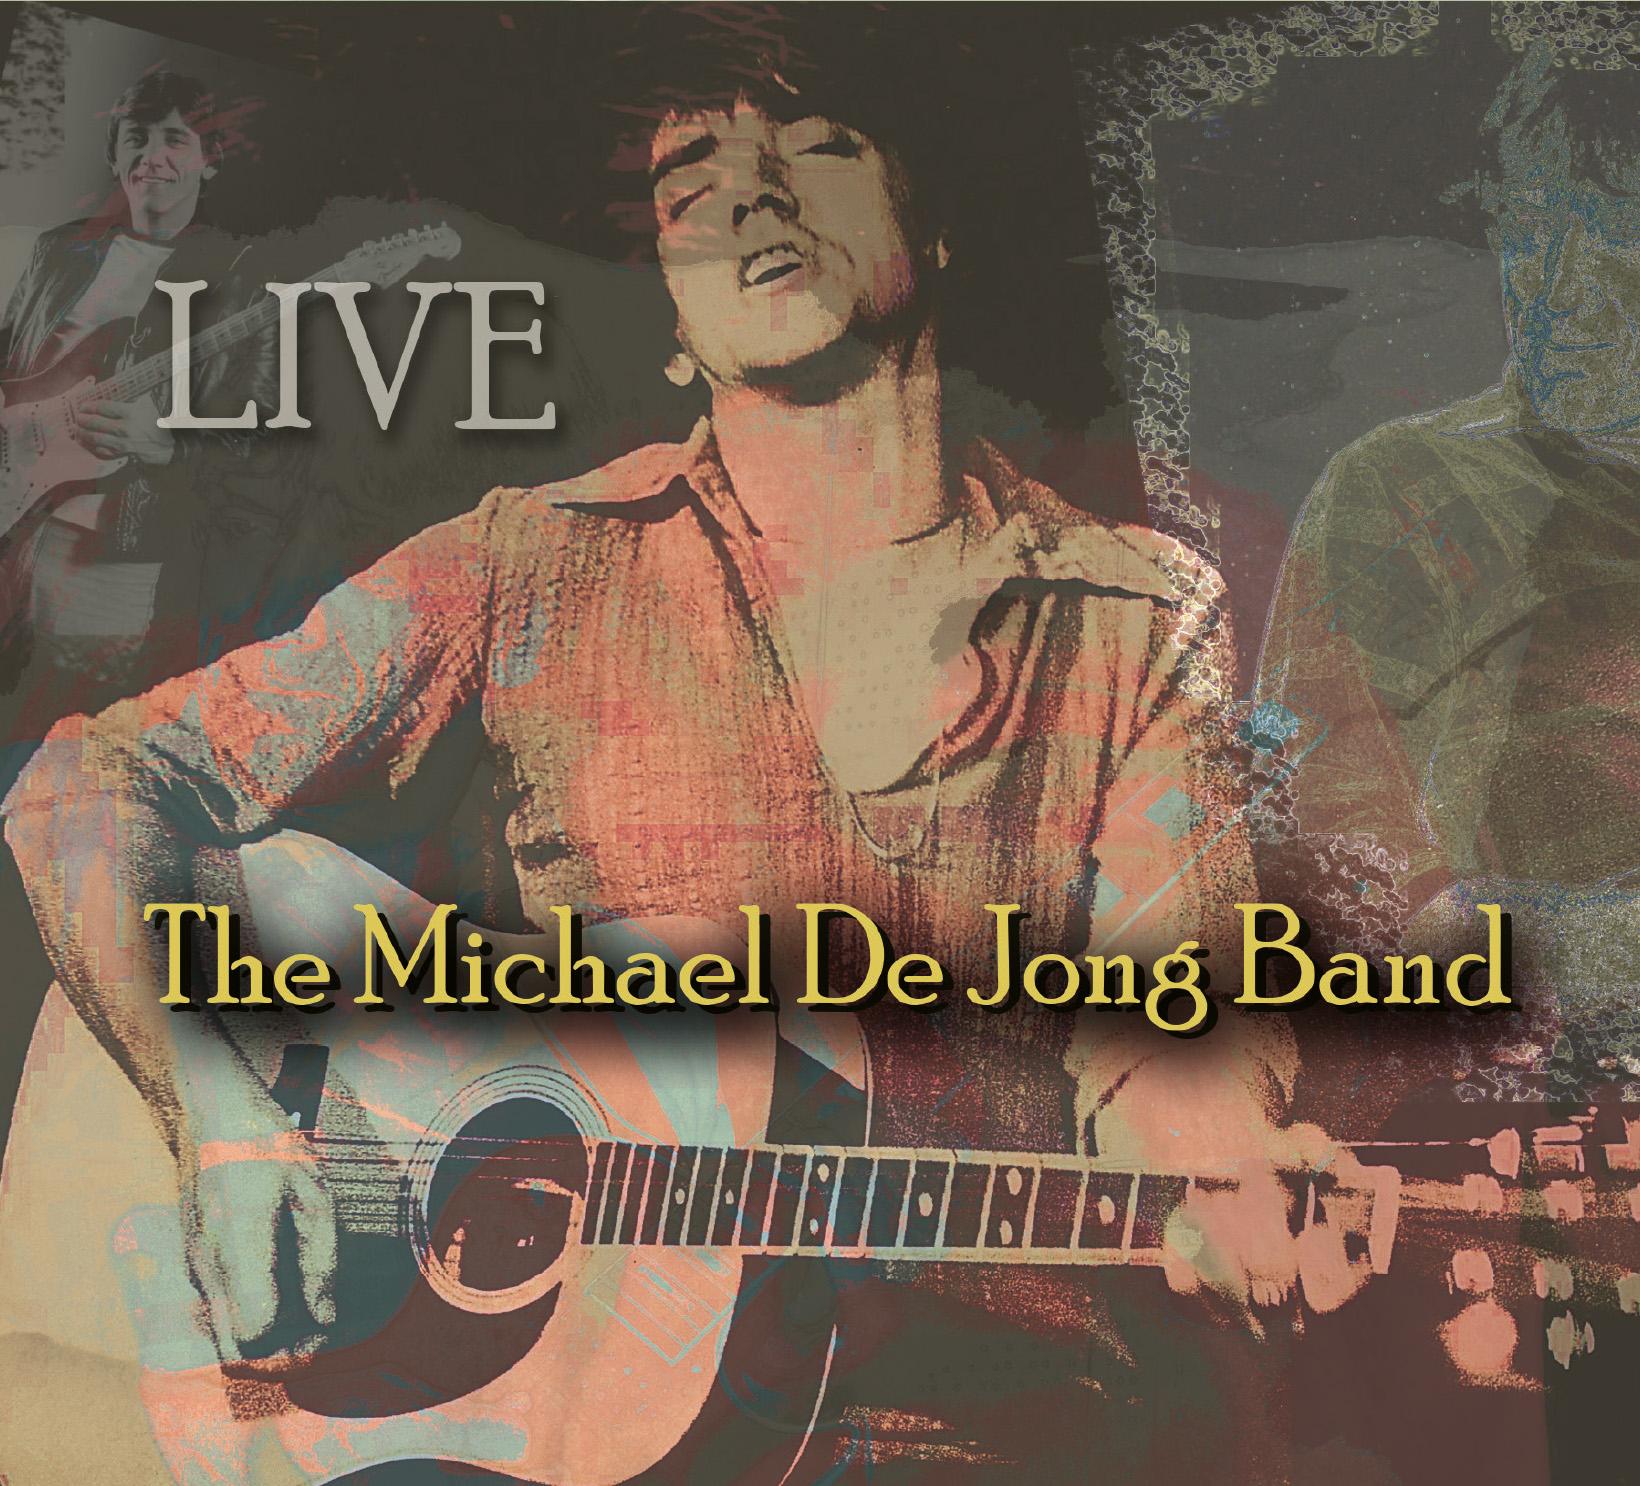 Michael De Jong band Live